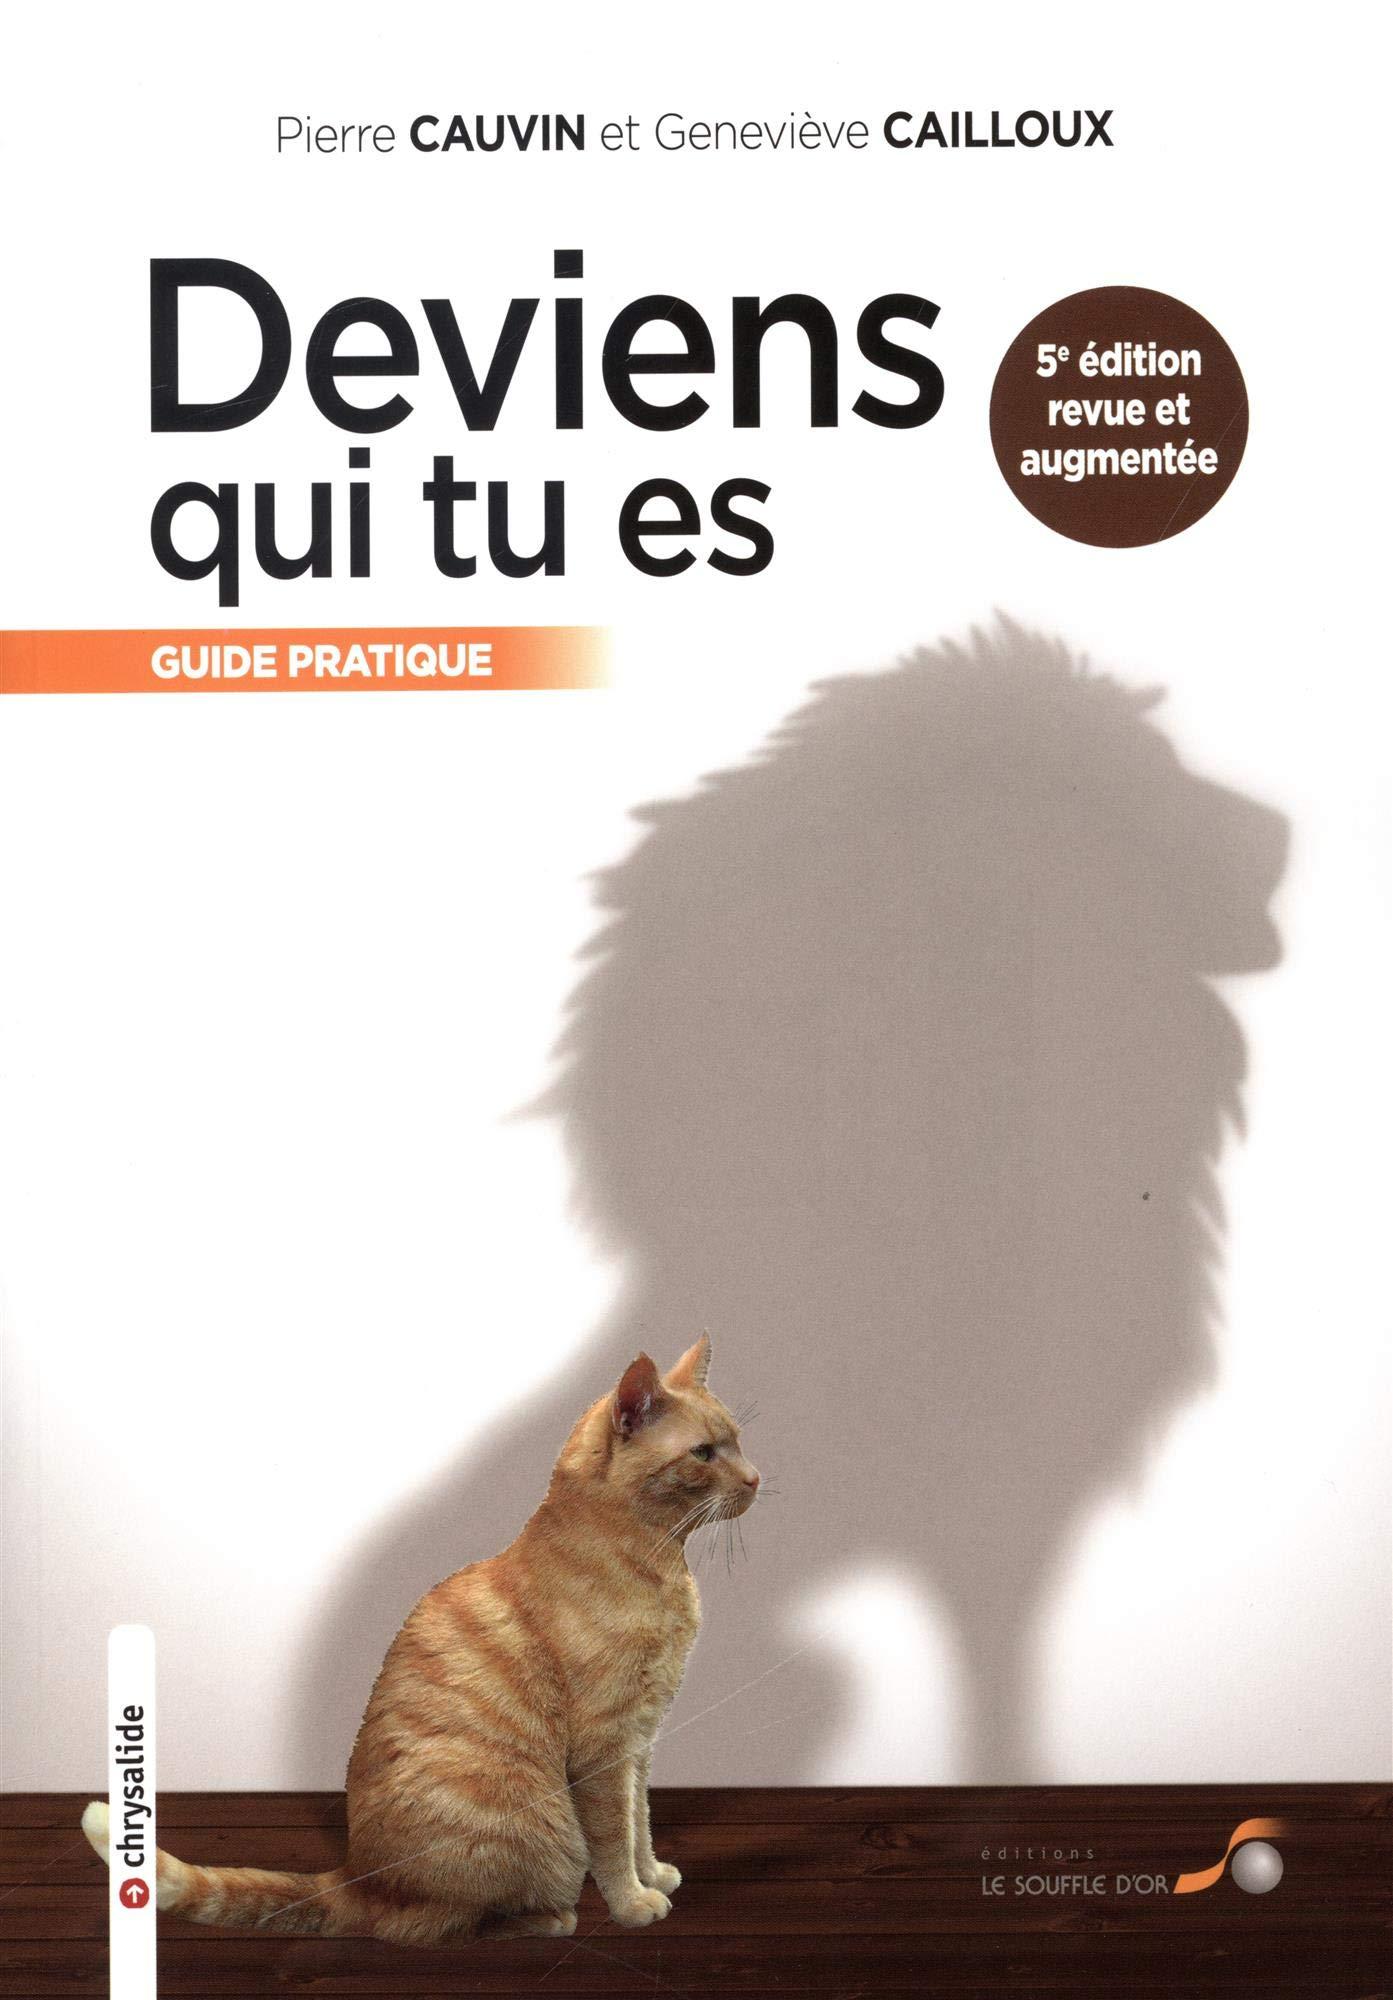 """Résultat de recherche d'images pour """"Cailloux, G. & Cauvin, P. (2018). Deviens qui tu es."""""""